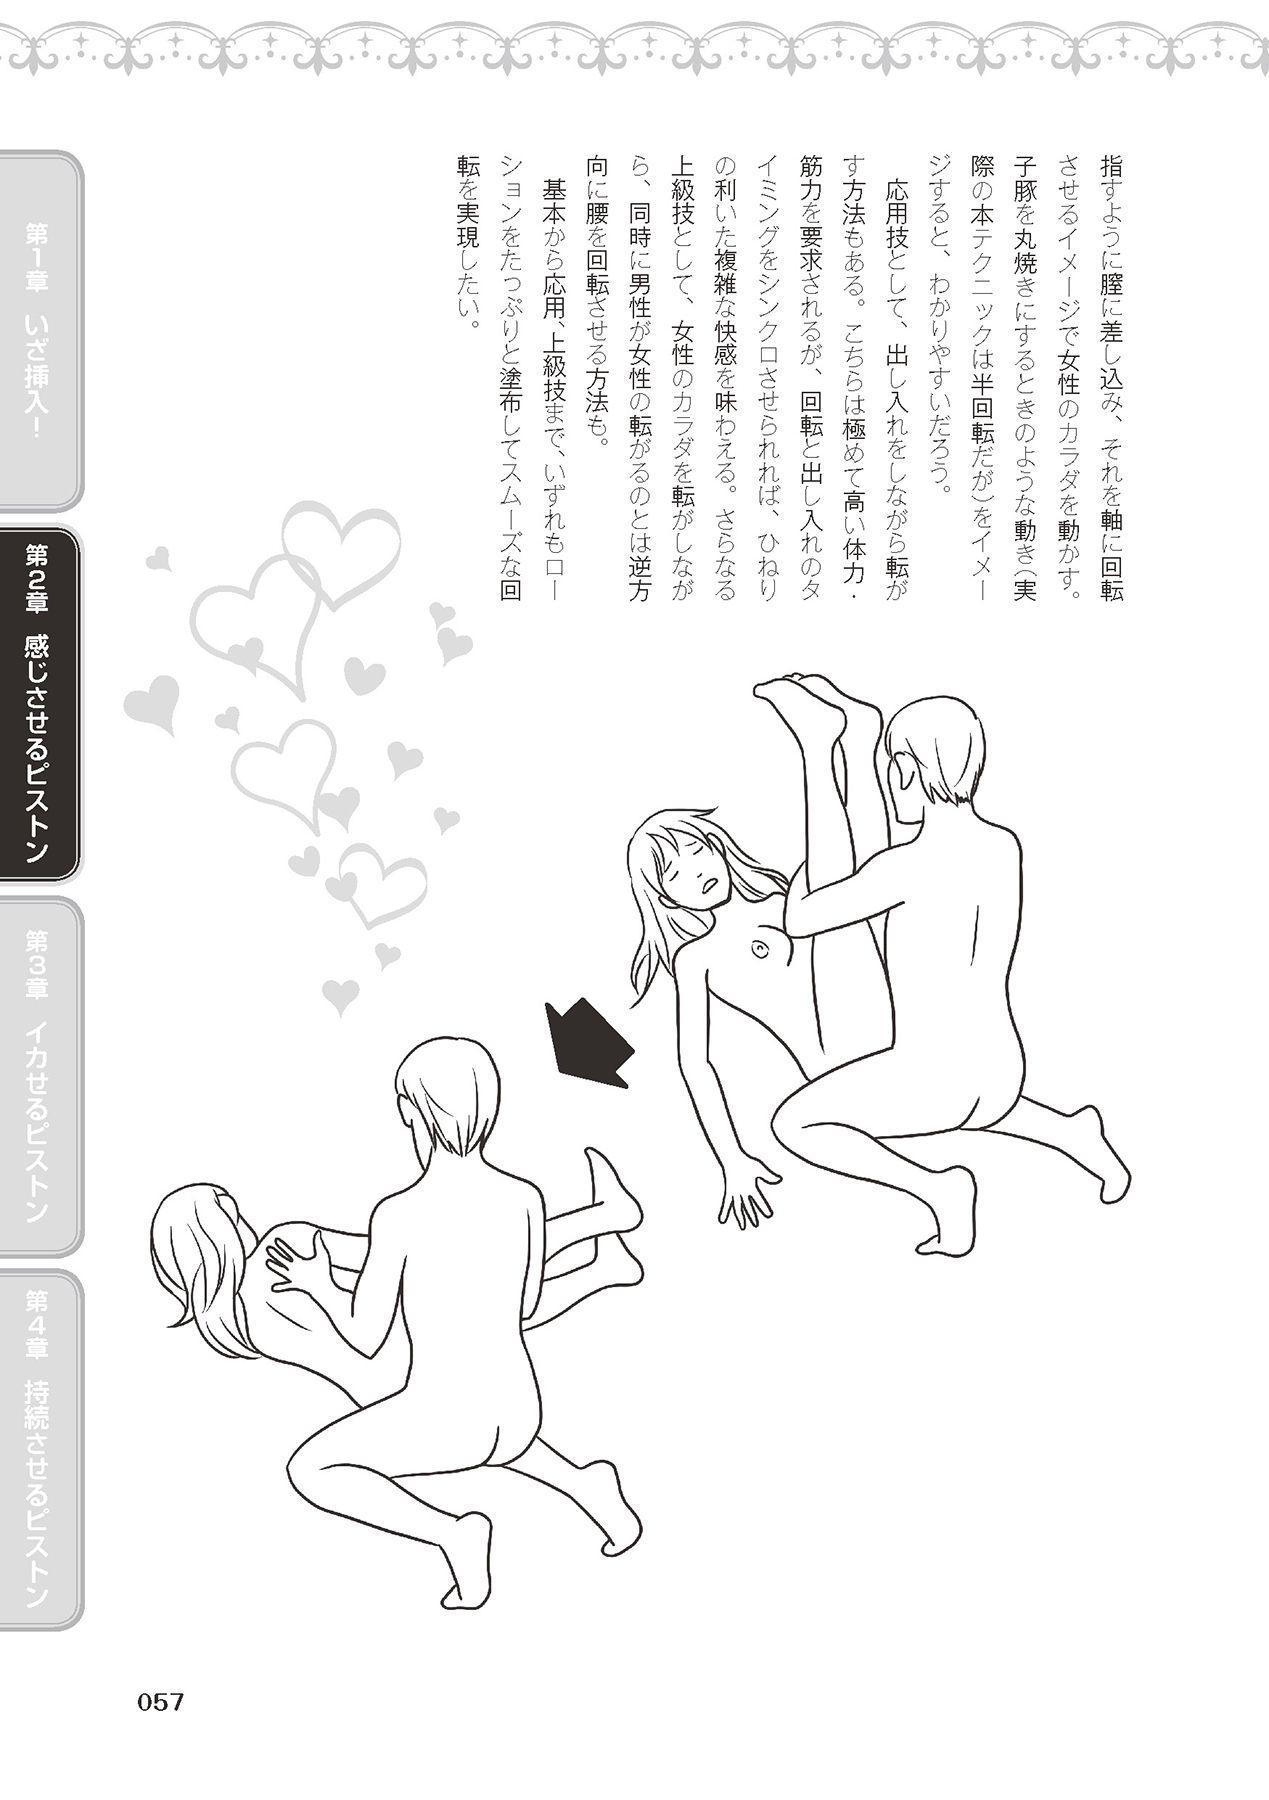 膣挿入&ピストン運動完全マニュアル イラスト版……ピスとんッ! 58